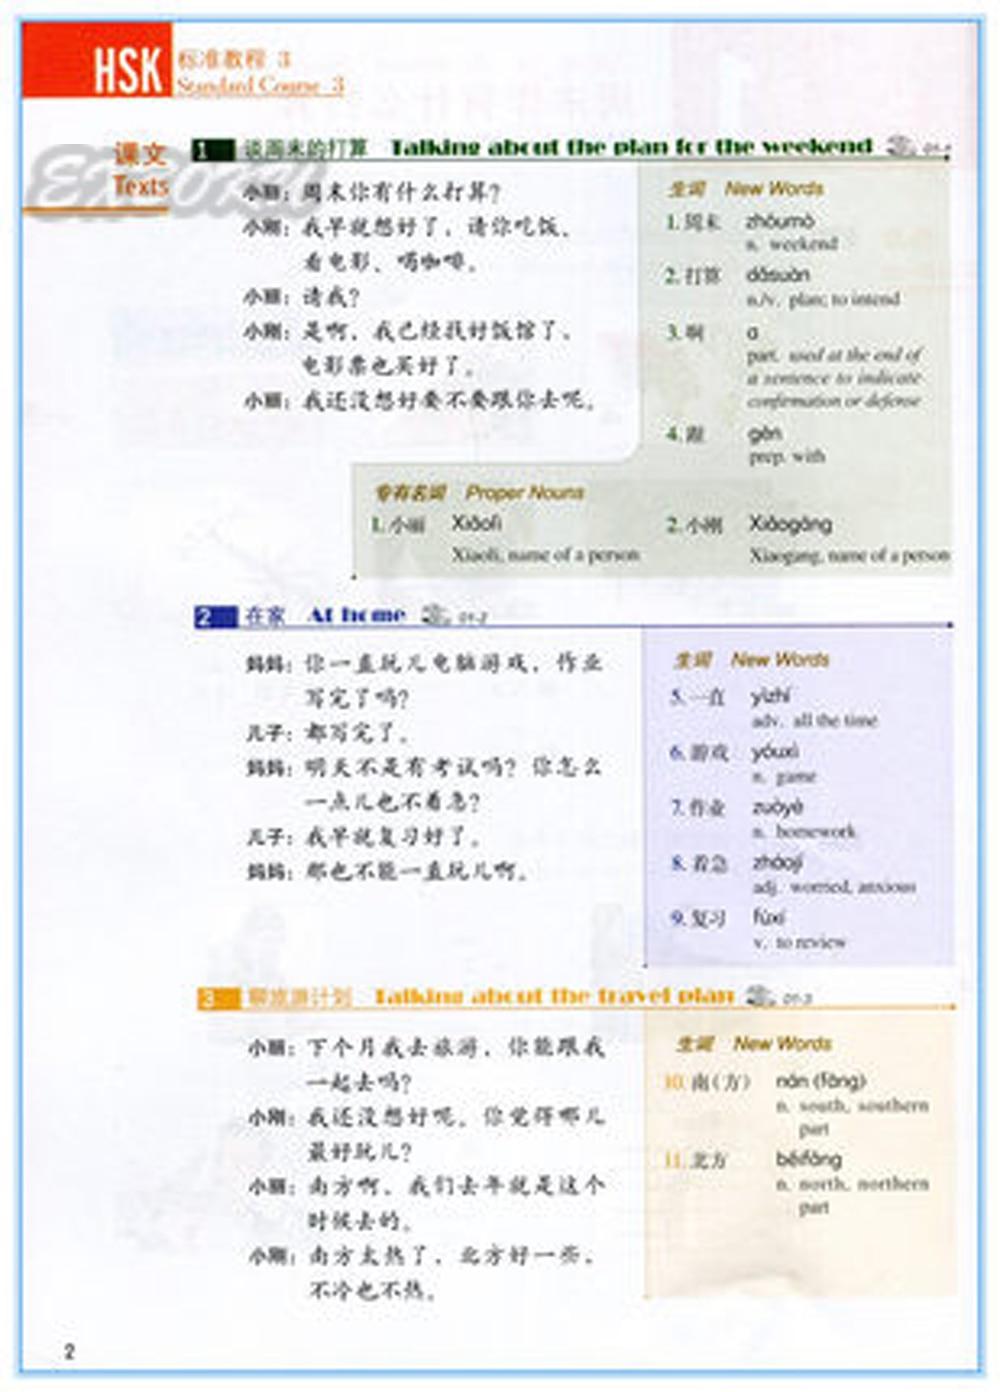 hsk standard course 1 pdf download